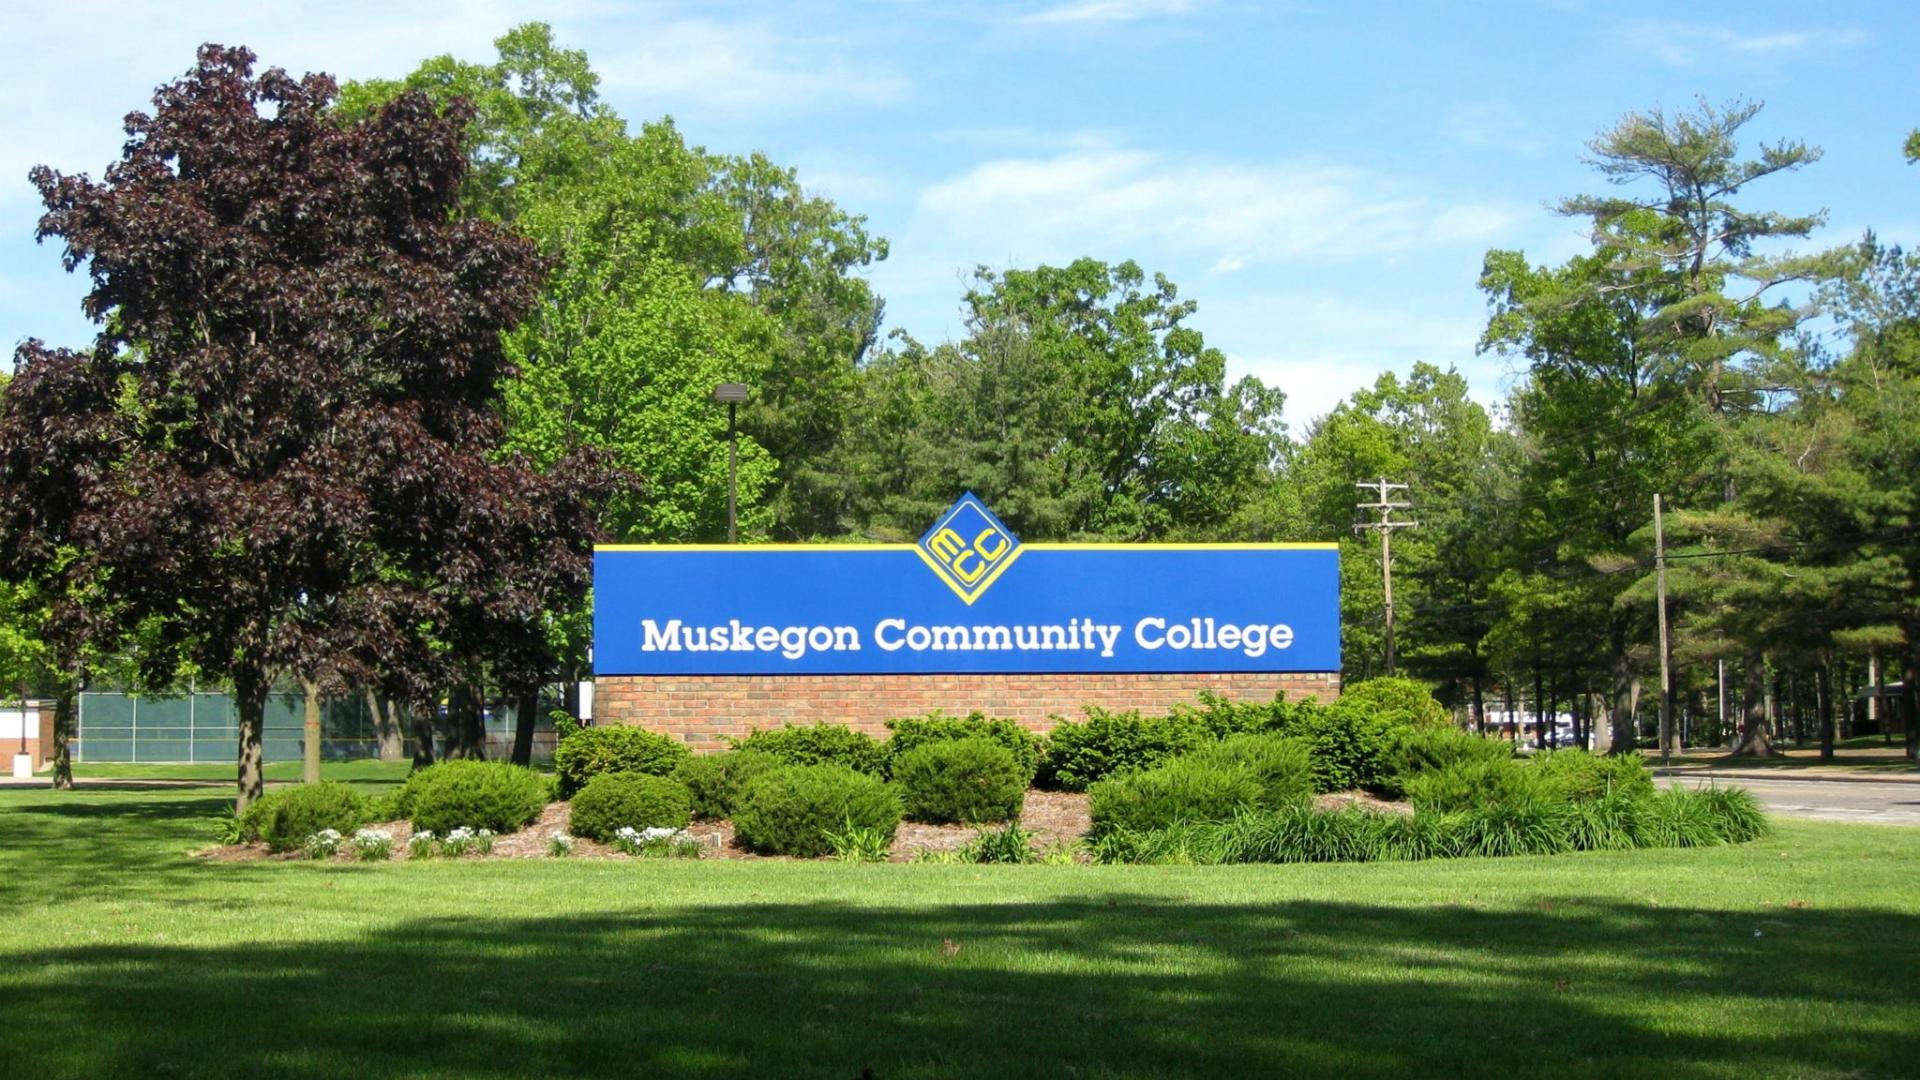 generic muskegon community college_1530043868774.jpg.jpg